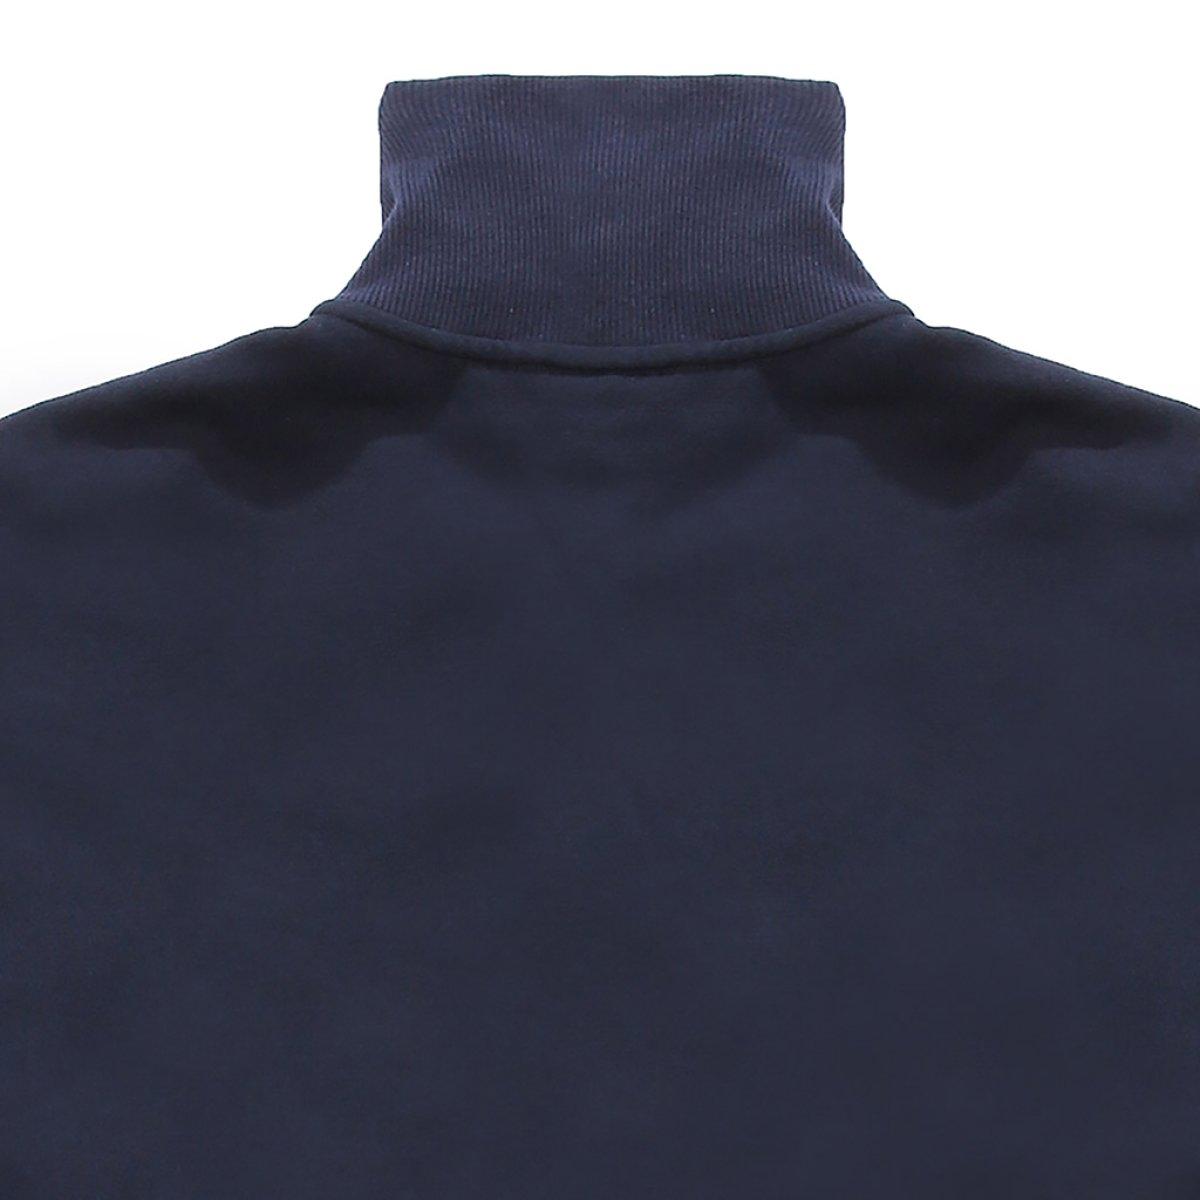 프로스펙스(PROSPECS) 오리지널 여성 배색 집업 트레이닝 자켓(W)WN-X312